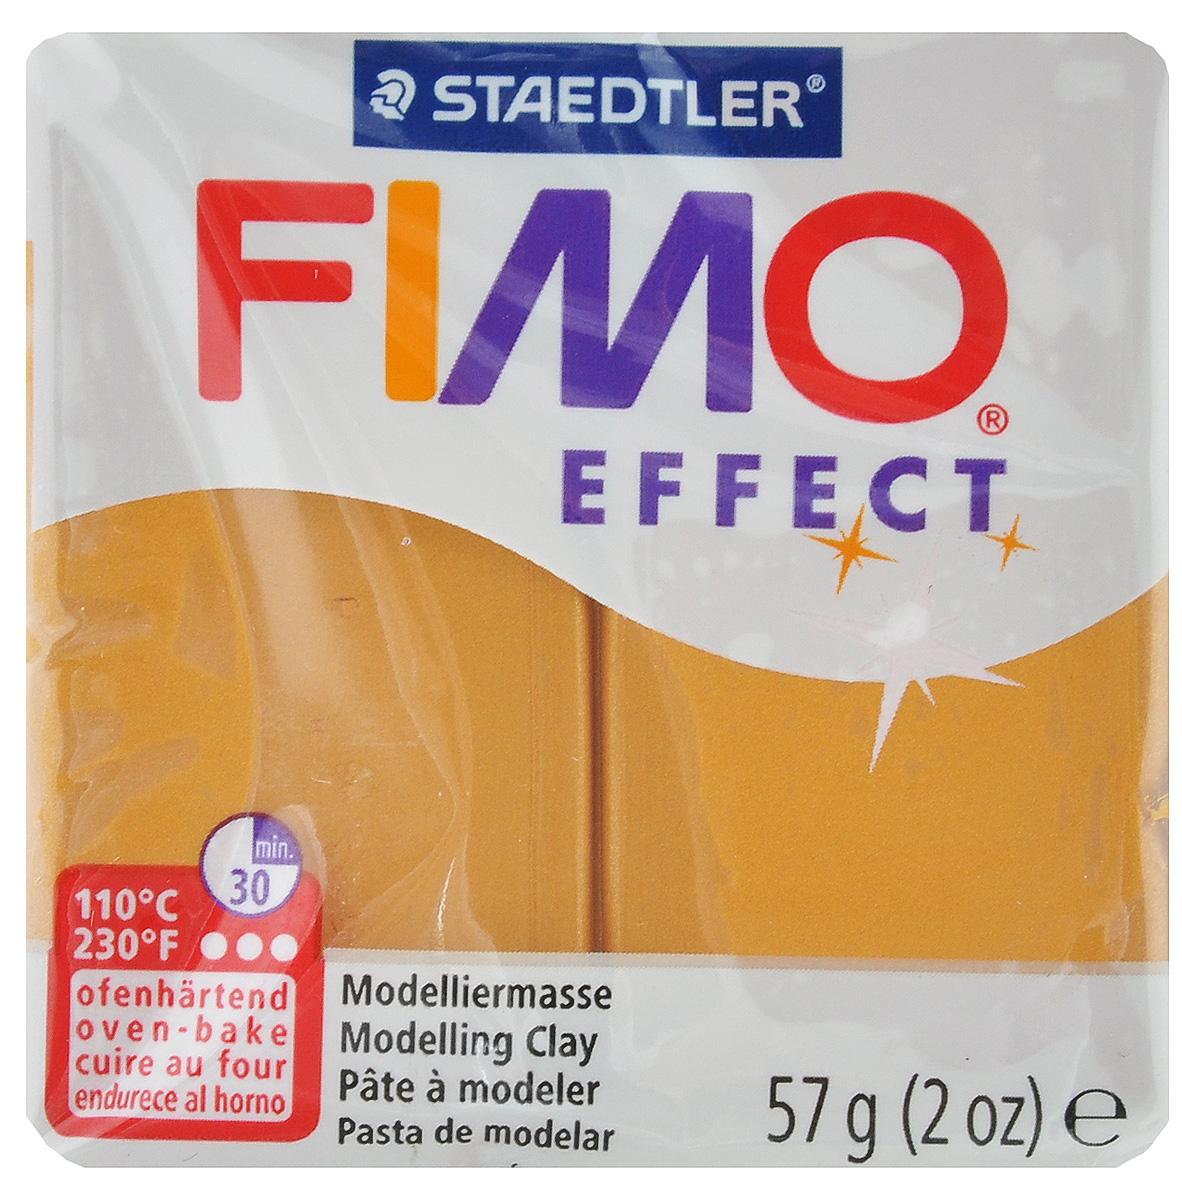 Полимерная глина Fimo Professional, цвет: золотой металлик, 85 г8020-11Мягкая глина на полимерной основе (пластика) Fimo Professional идеально подходит для лепки небольших изделий (украшений, скульптурок, кукол) и для моделирования. Глина обладает отличными пластичными свойствами, хорошо размягчается и лепится, легко смешивается между собой, благодаря чему можно создать огромное количество поделок любых цветов и оттенков, не имеет запаха. Блок разделен на 2 сегмента, что позволяет легче разделять глину на порции. В домашних условиях готовая поделка выпекается в духовом шкафу при температуре 110°С в течение 15-30 минут (в зависимости от величины изделия). Отвердевшие изделия могут быть раскрашены акриловыми красками, покрыты лаком, склеены друг с другом или с другими материалами.